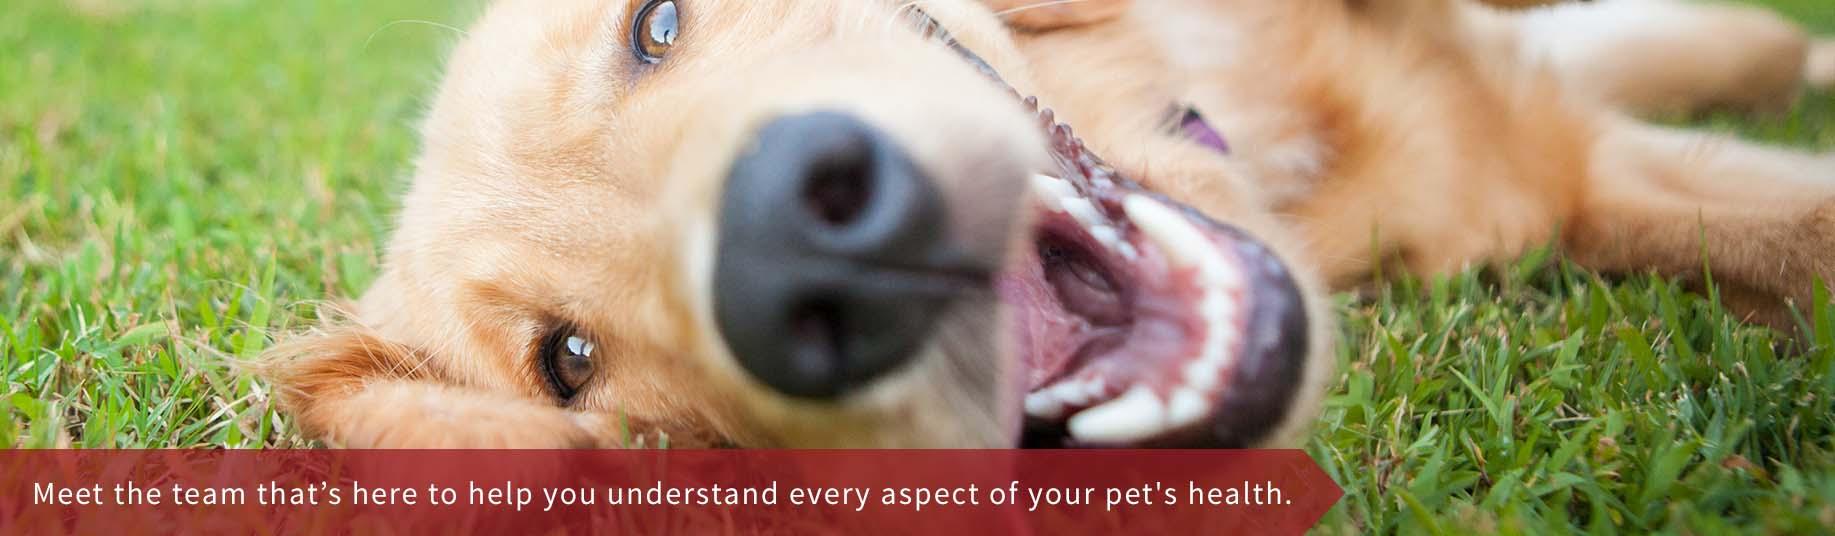 Woodbine Animal Clinic East Toronto Vet Clinic Cat Slider Dog Slider